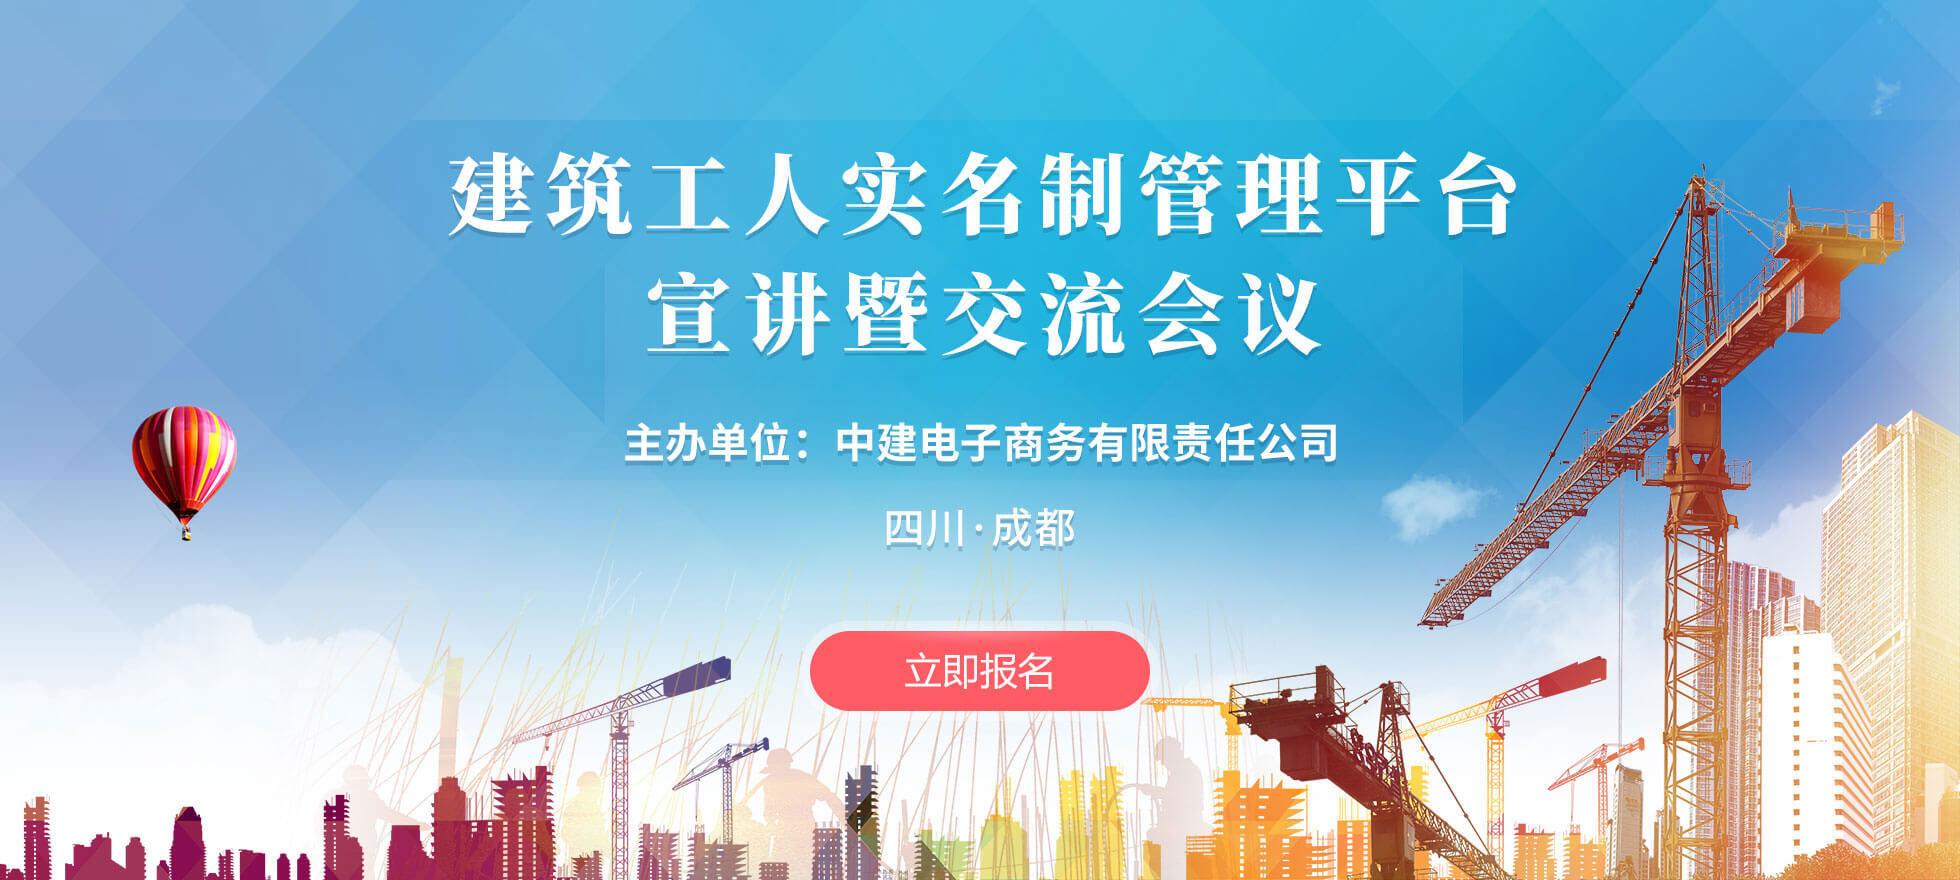 建筑工人实名制管理平台宣讲暨交流会议